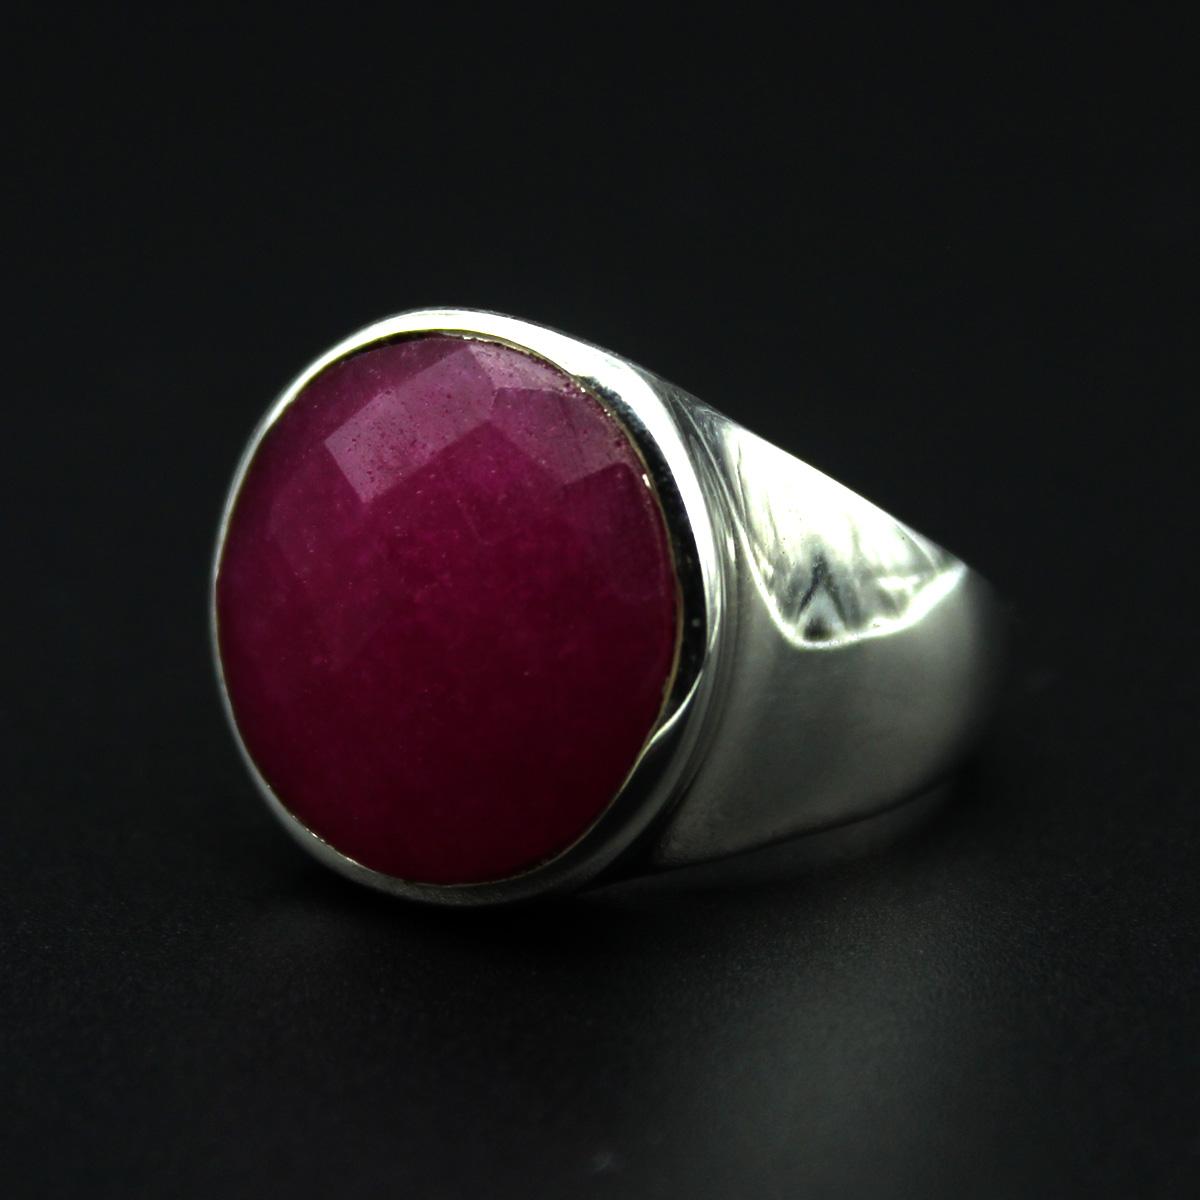 Кольцо, серебро, натуральный камень, 10.31 грамм, проба 925, размер 18.5